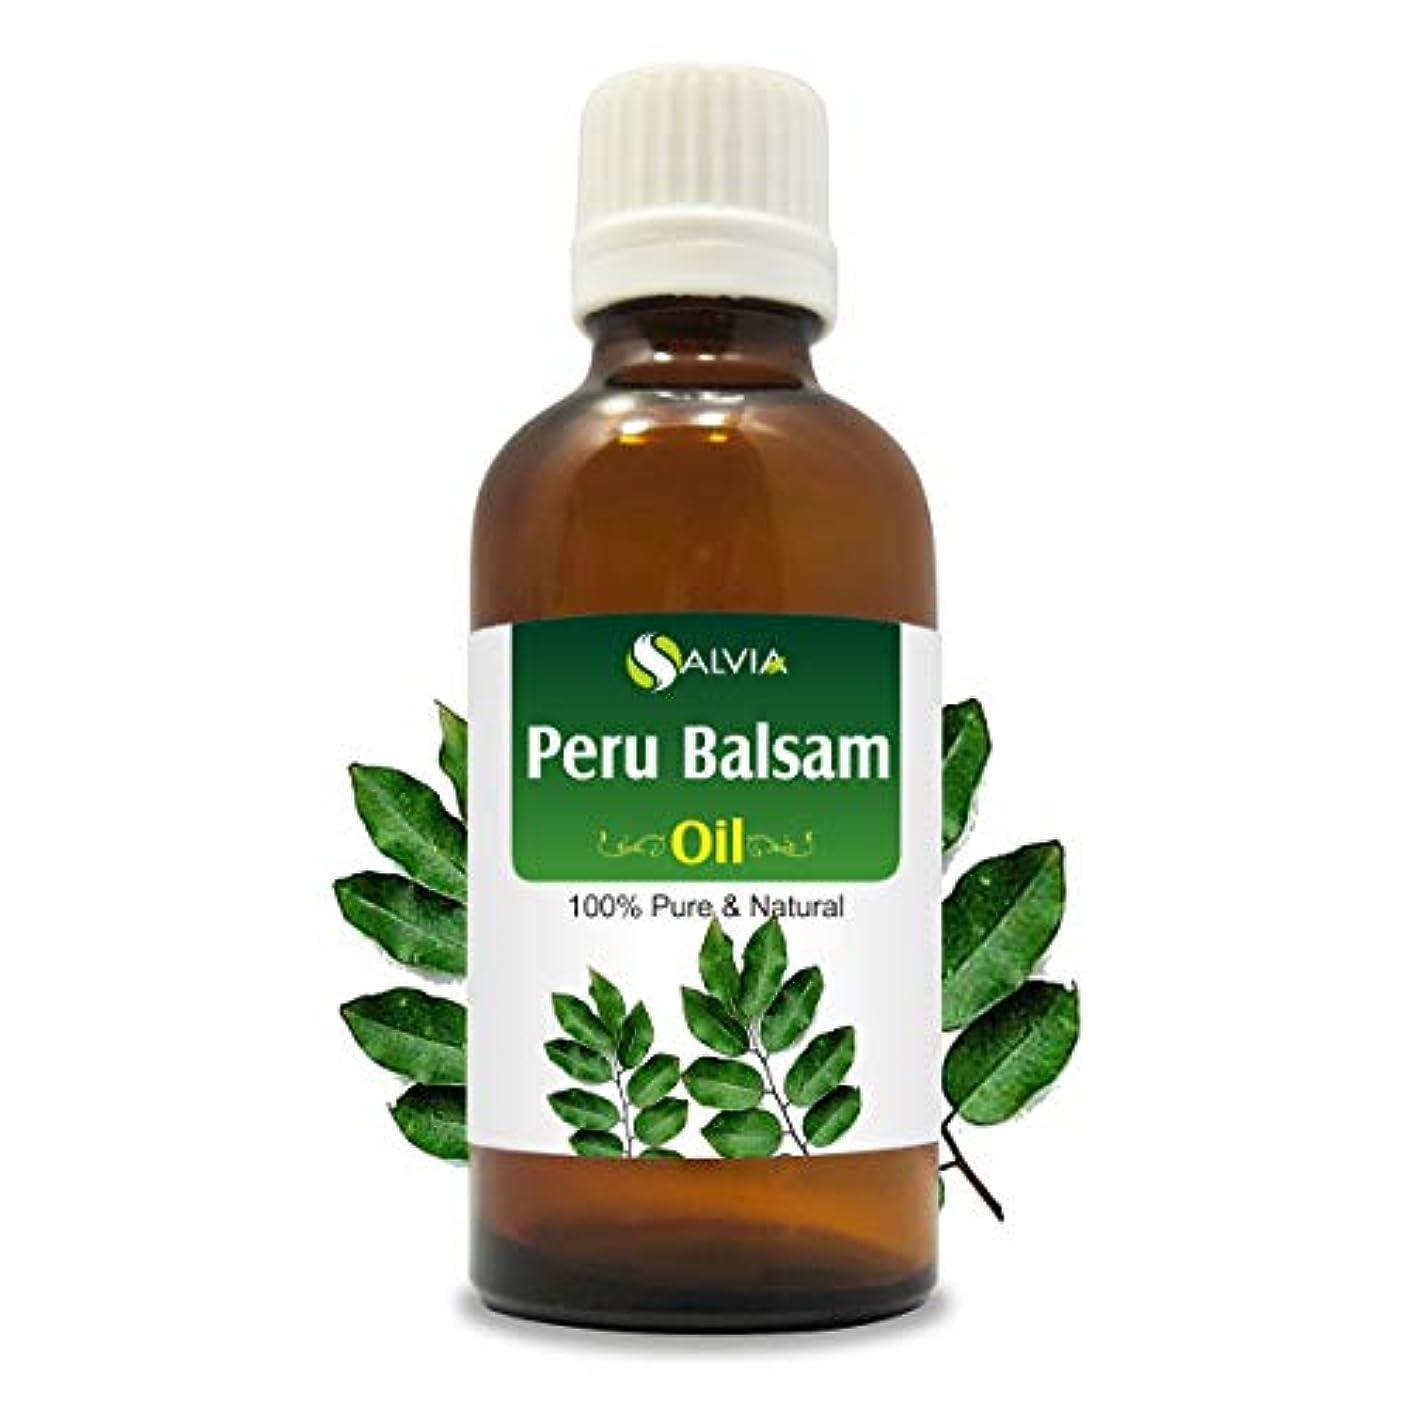 描く同僚抽出Peru Balsam (Myroxylon Pereirae) 100% Natural Pure Essential Oil 10ml